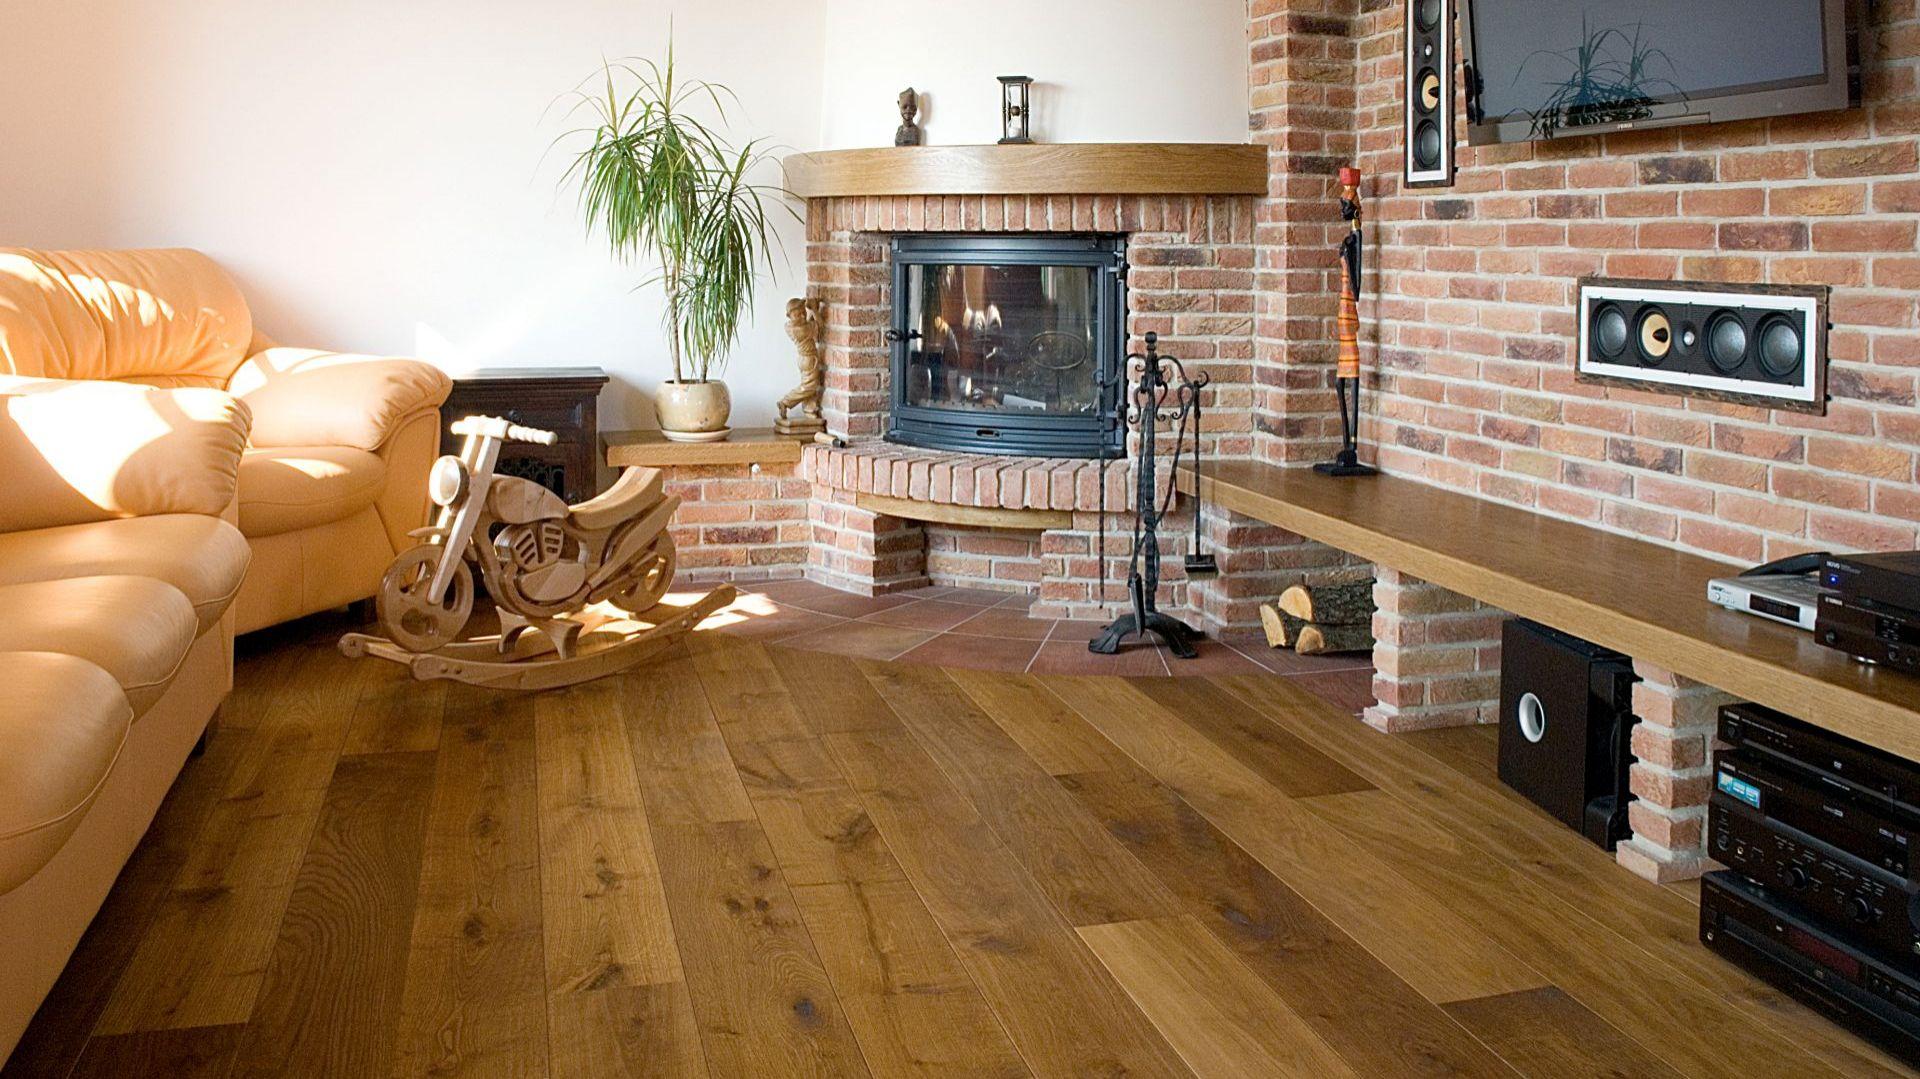 Każda drewniana podłoga potrzebuje pielęgnacji i konserwacji, inaczej może stracić swoje walory estetyczne i praktyczne. Fot. Chapel Parket